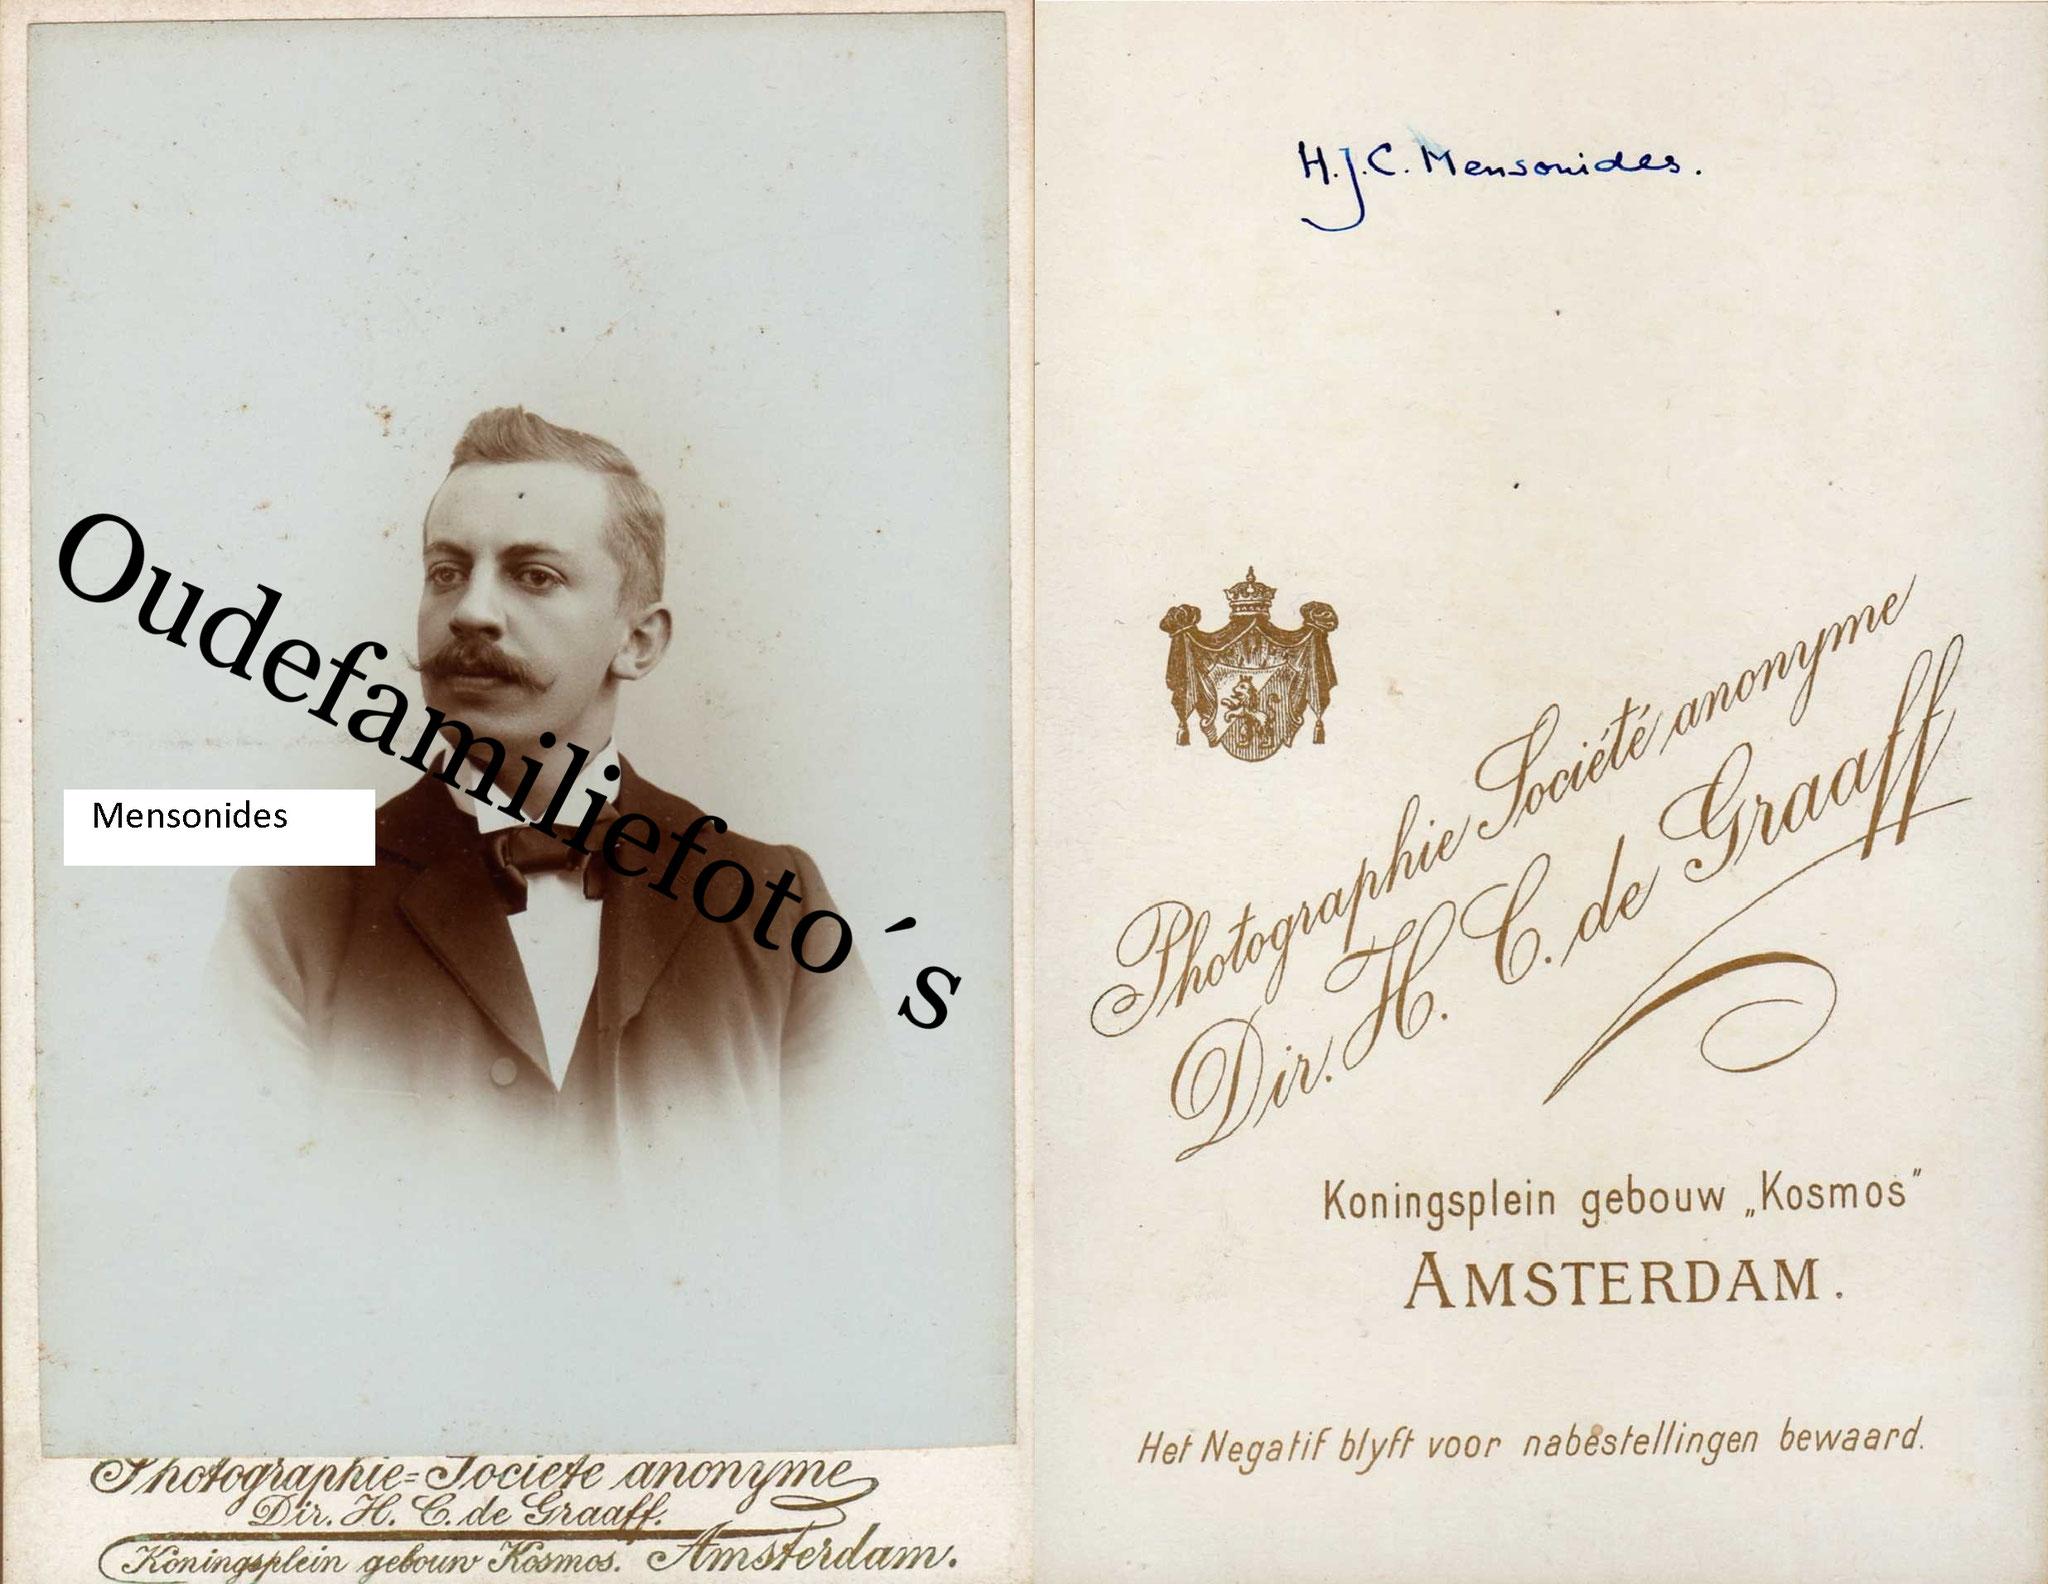 Mensonides, Hector Jacob Coenraad. Geb. 18/7/ 1873 Hensbroek. € 3,00